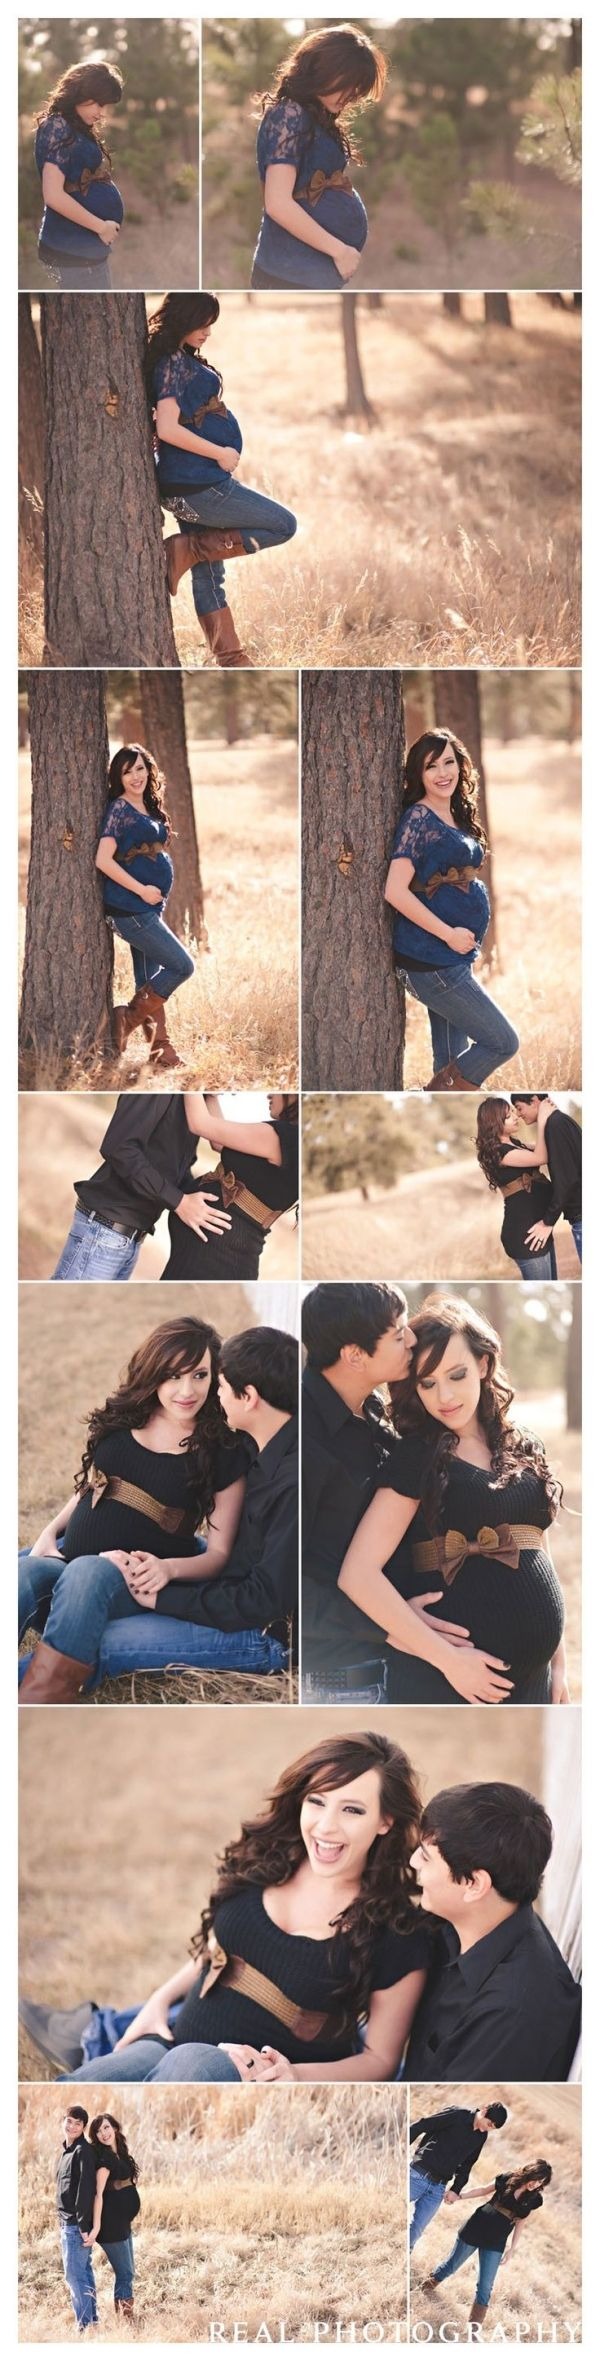 maternity photo shoot ideas | Maternity photo shoot clothing ideas love this ... | Baby Bump {Ins... by MommaJones